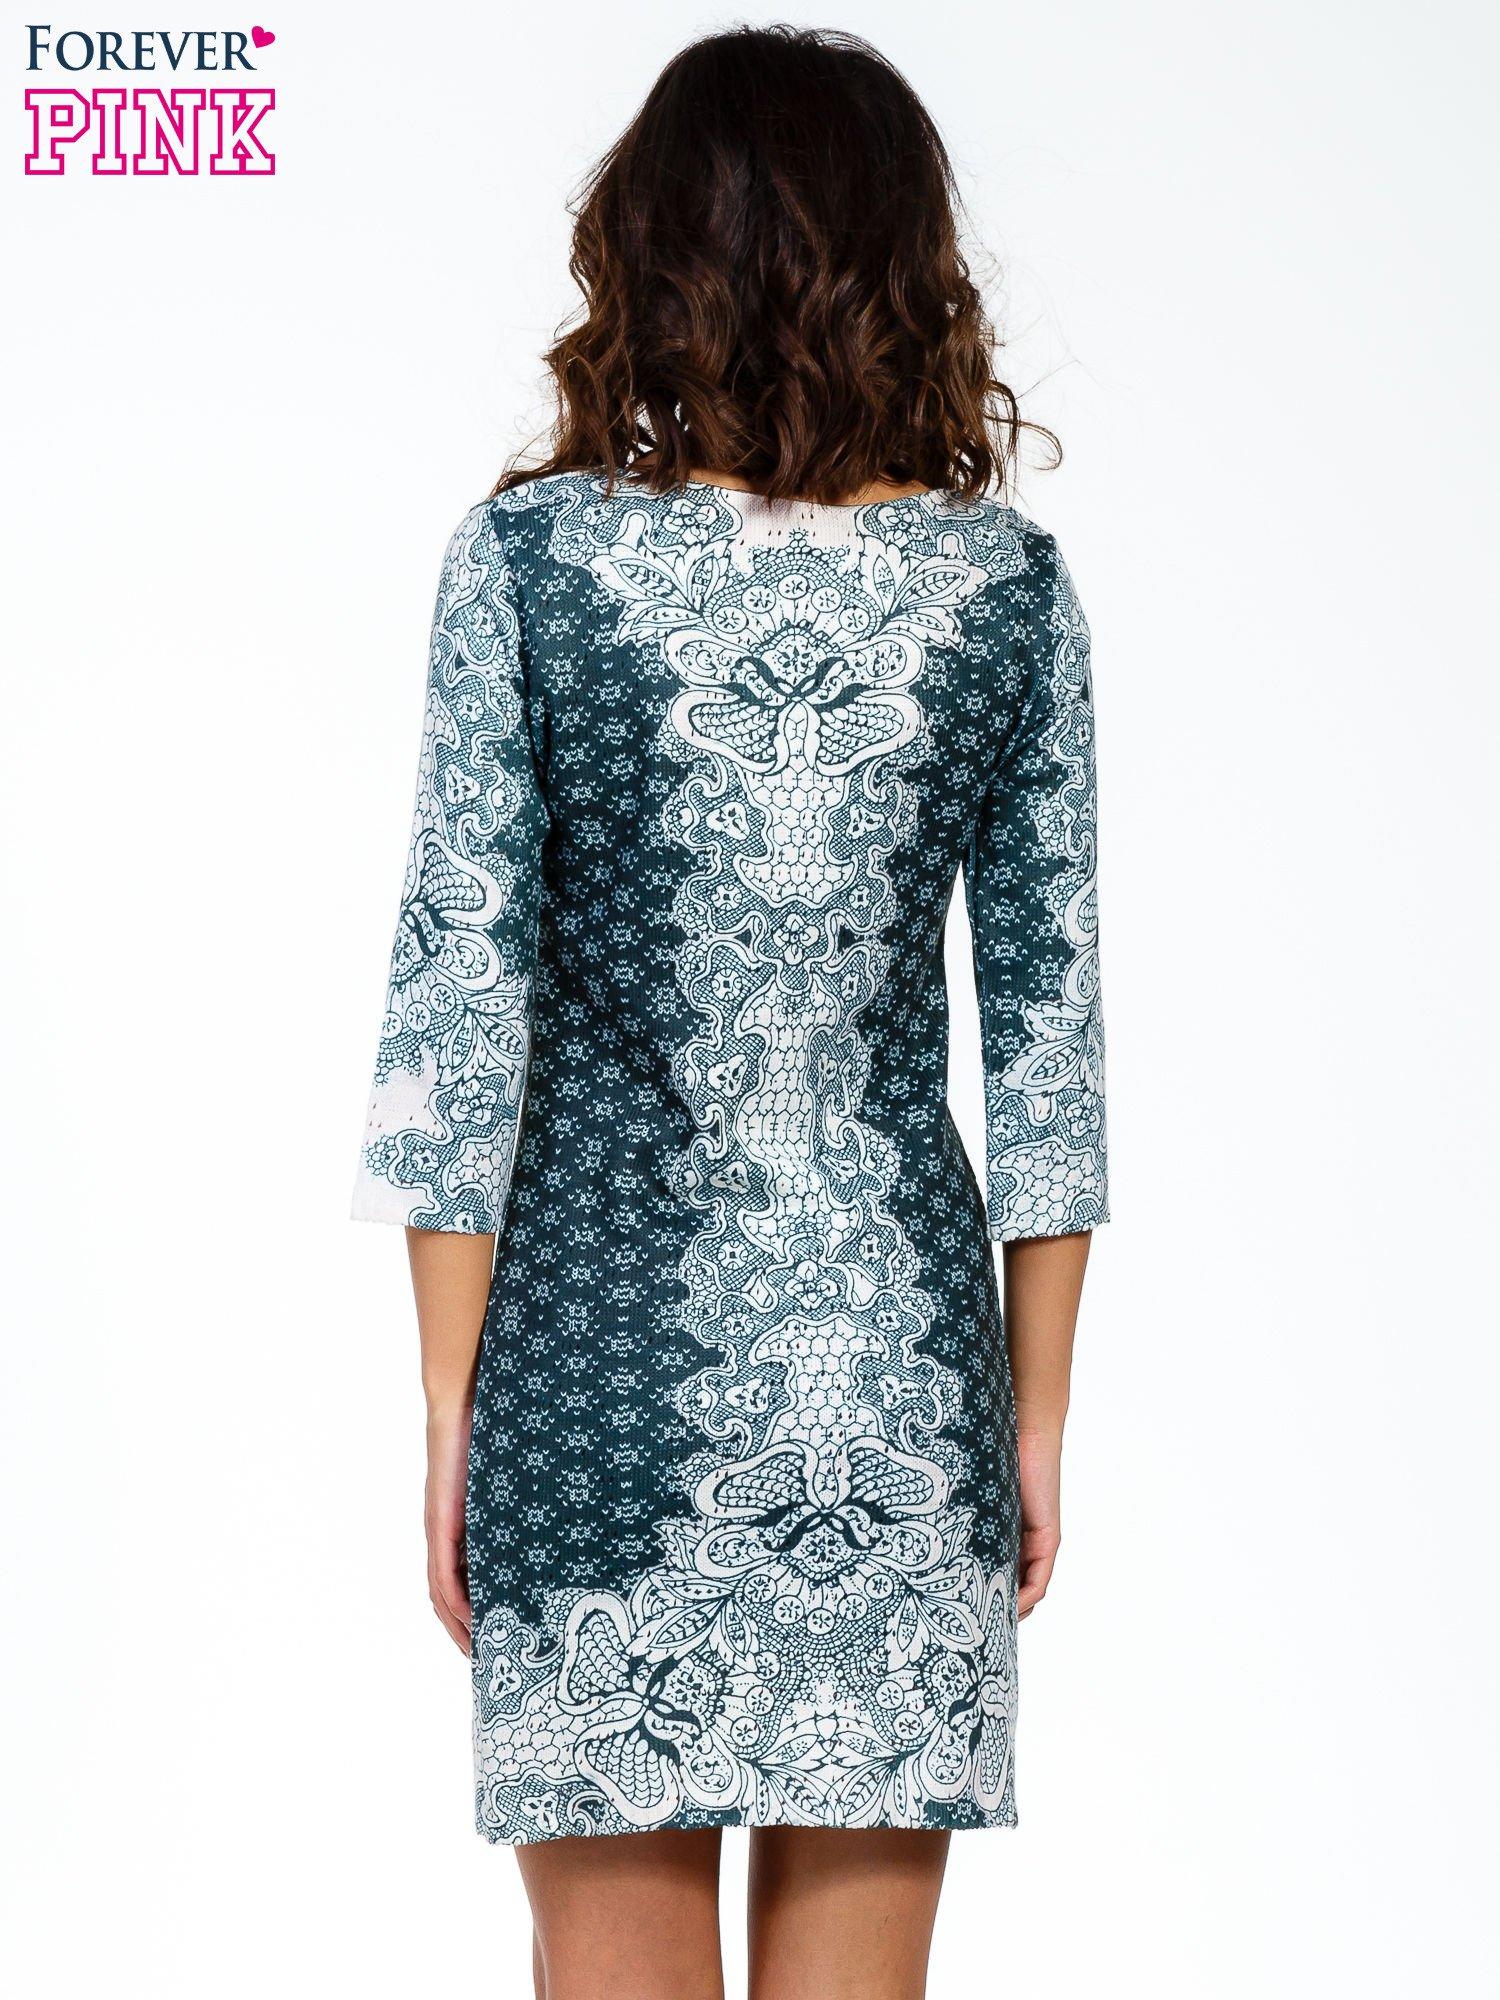 Zielona sukienka z roślinnym nadrukiem                                  zdj.                                  2